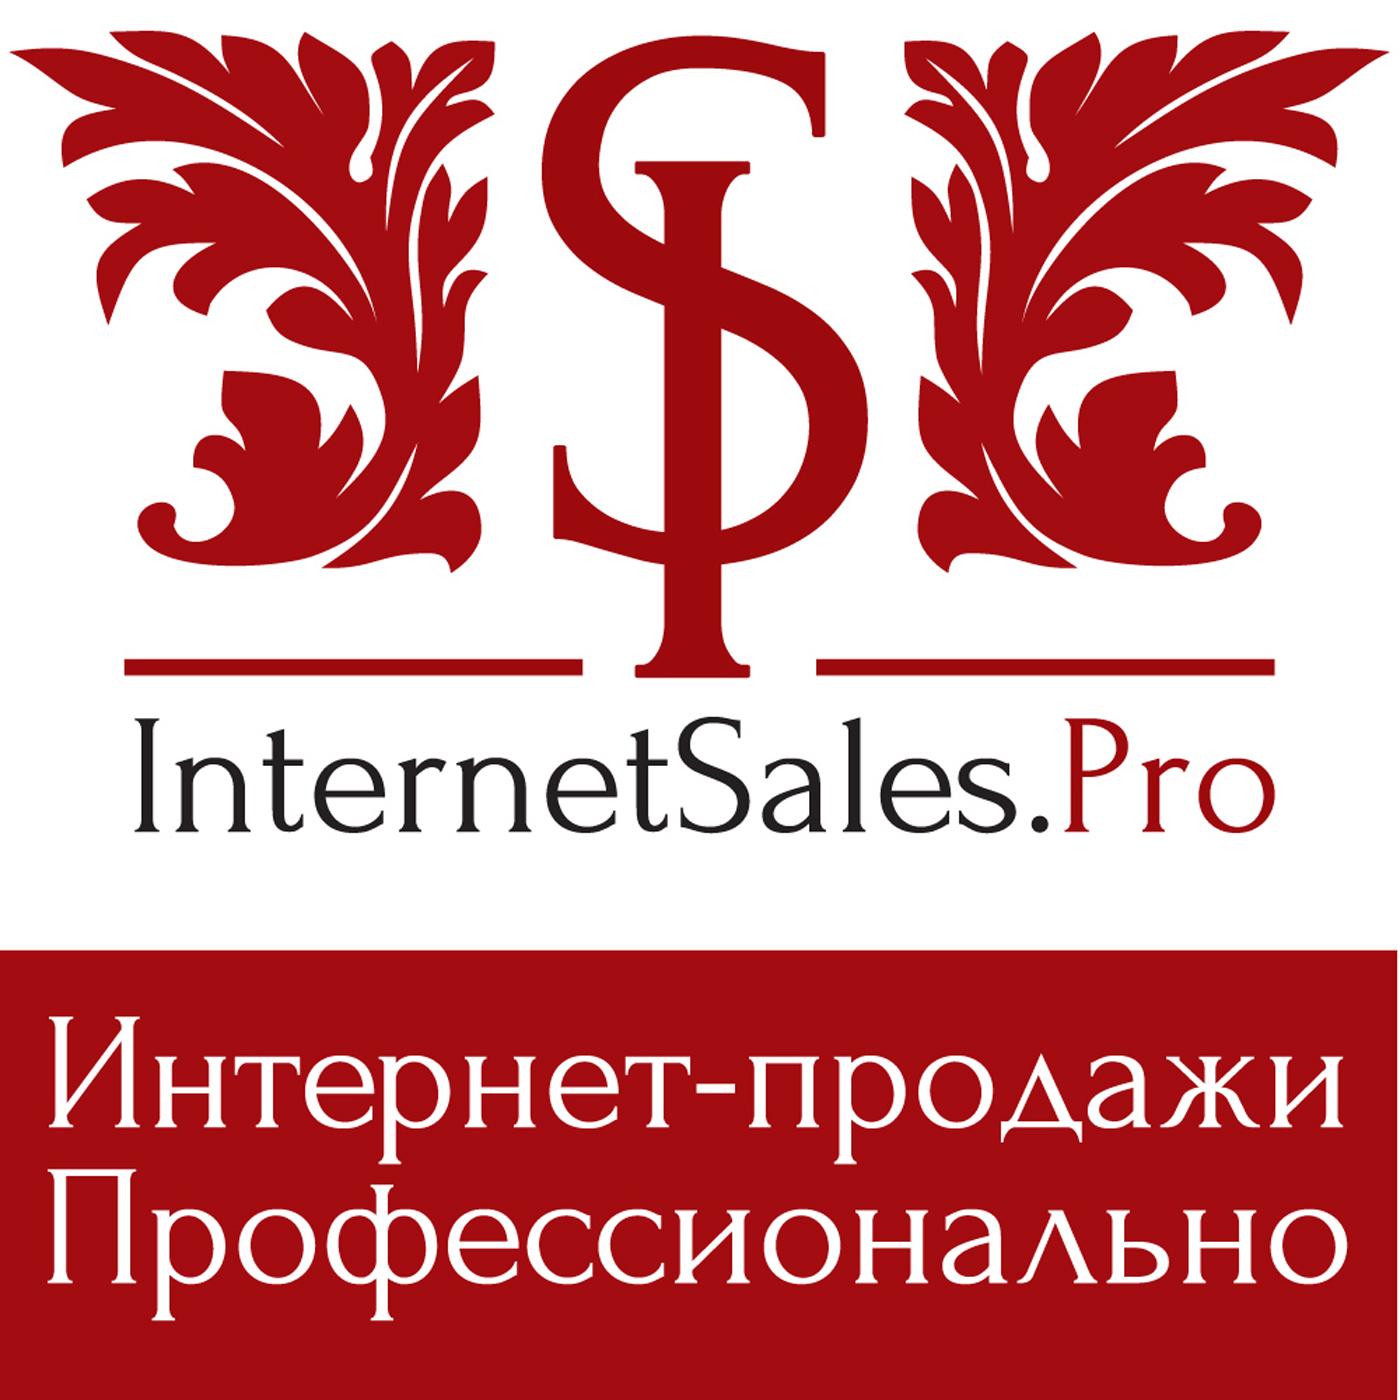 Увеличение интернет-продаж